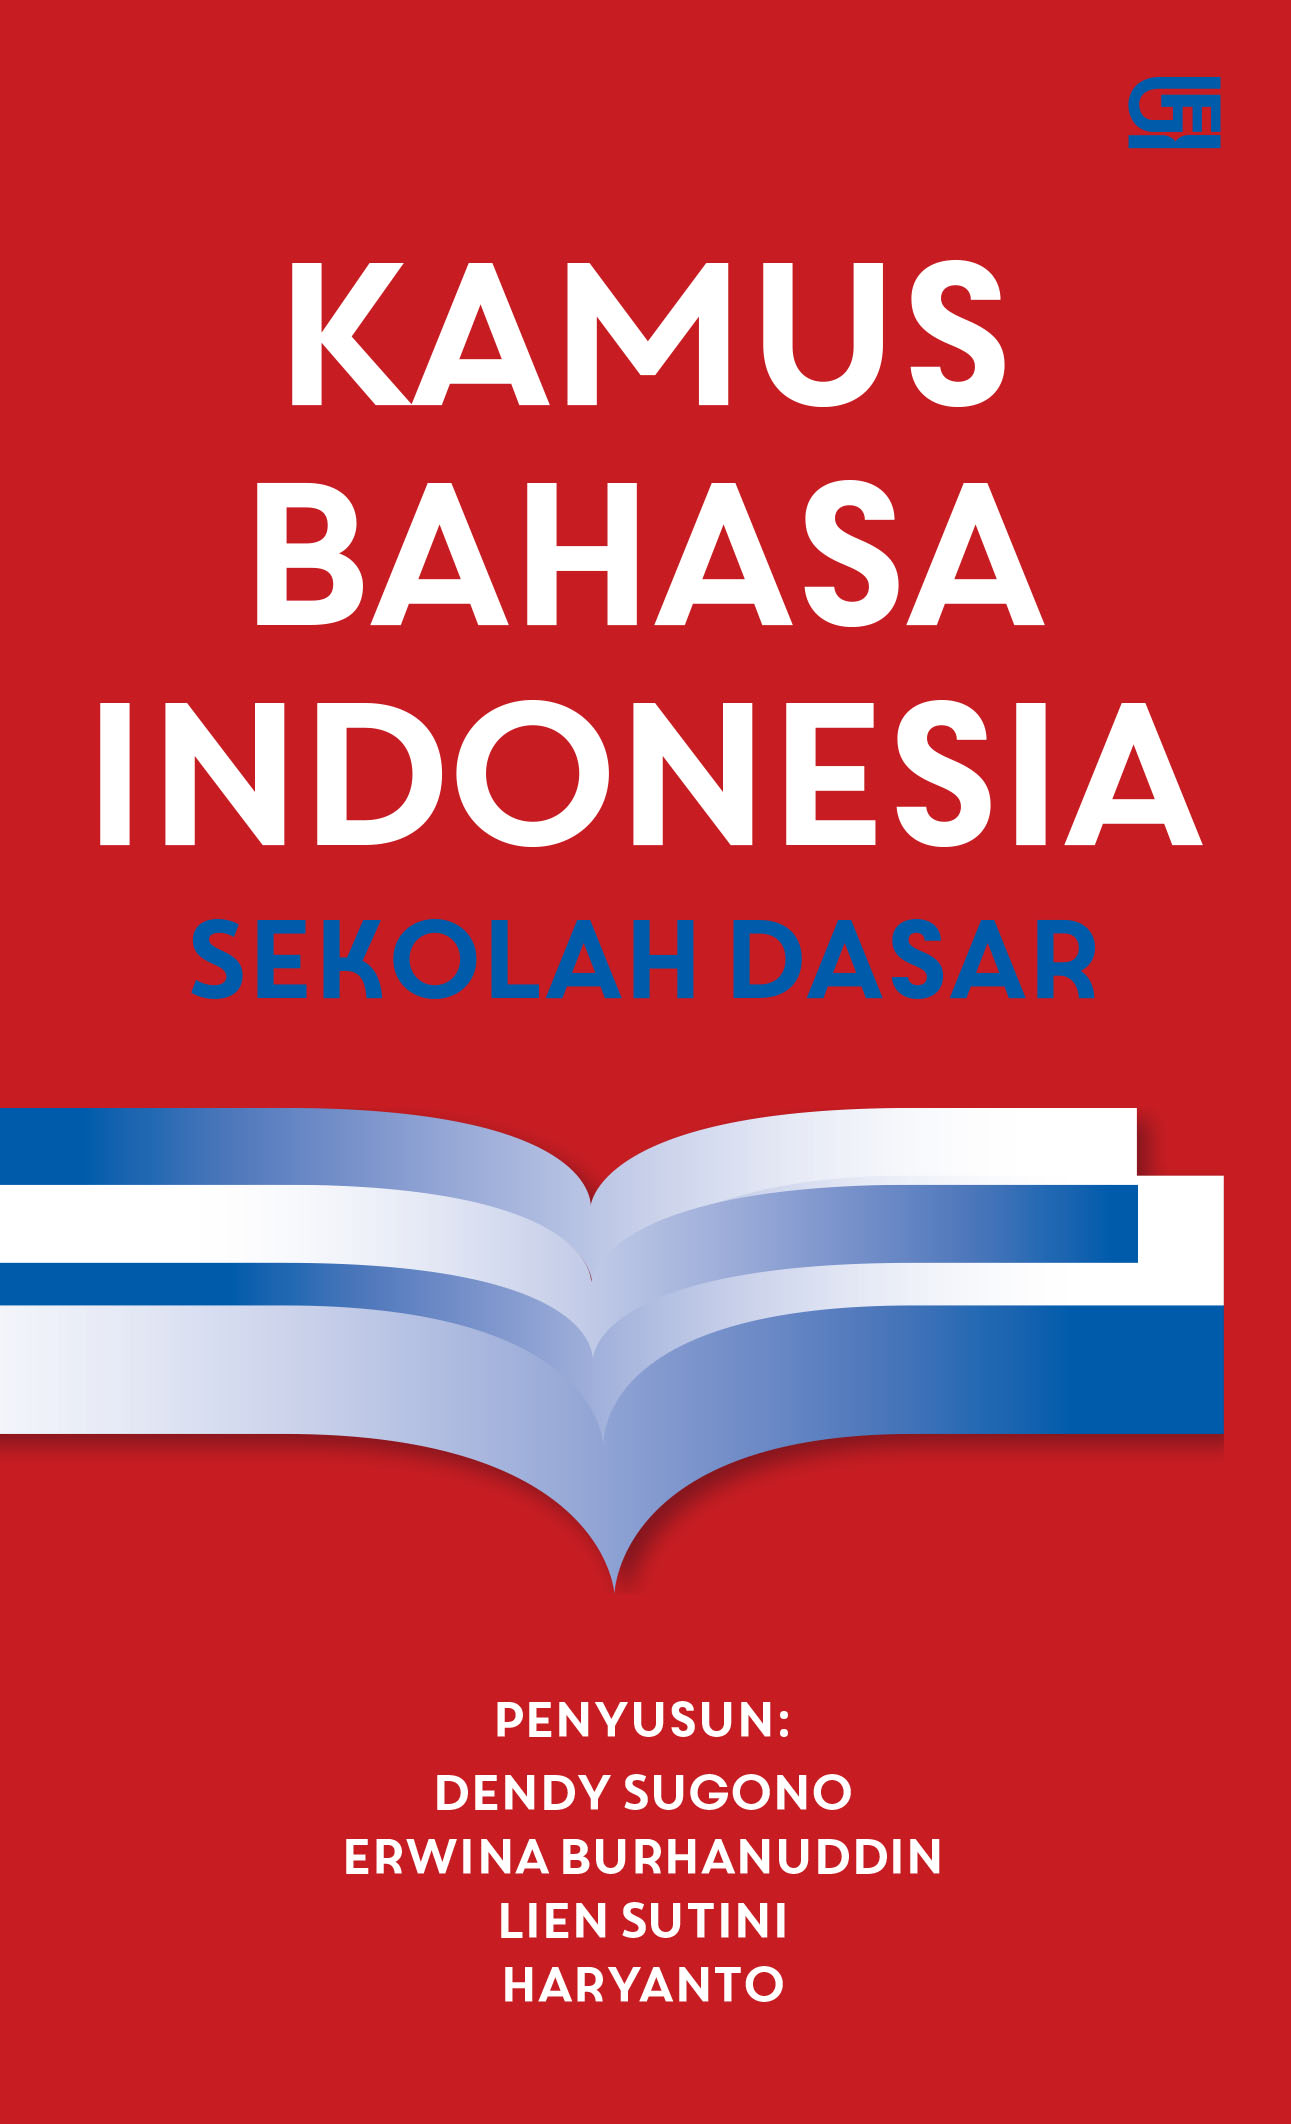 Kamus Bahasa Indonesia Sekolah Dasar